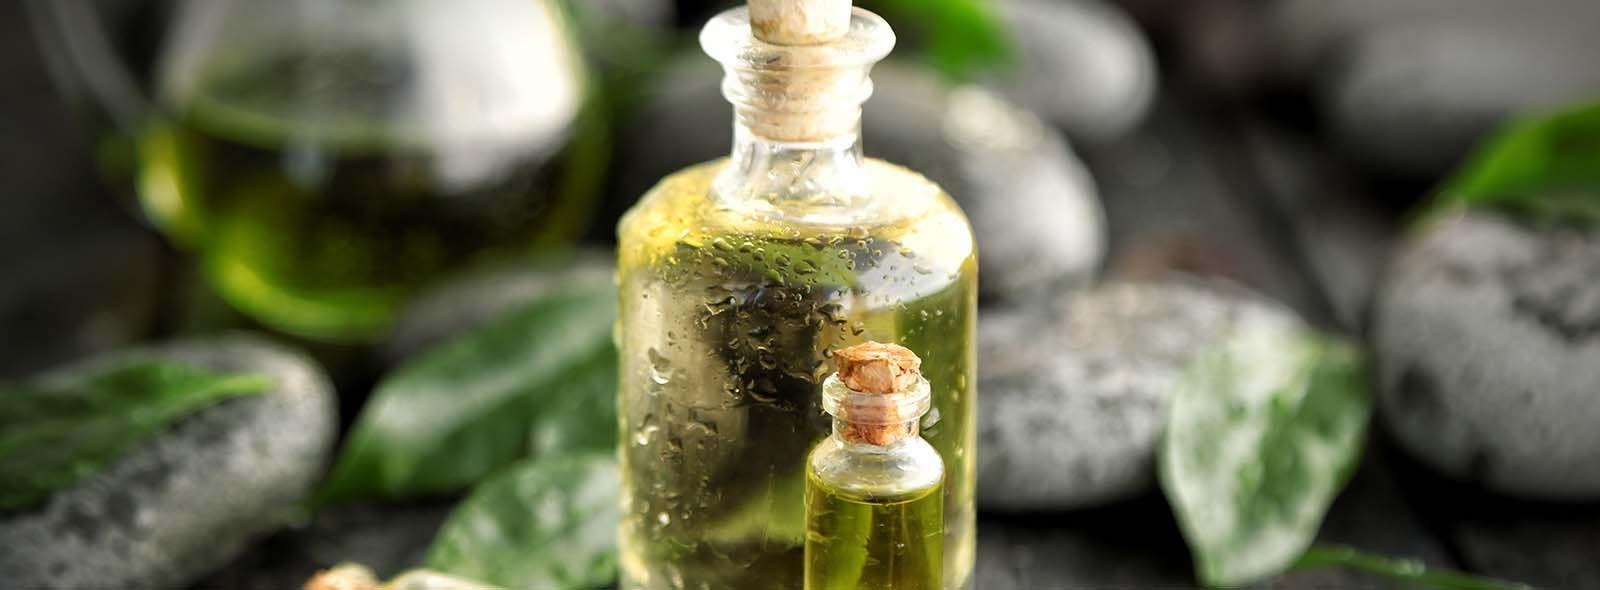 Tea Tree Oil per uso interno: a cosa serve